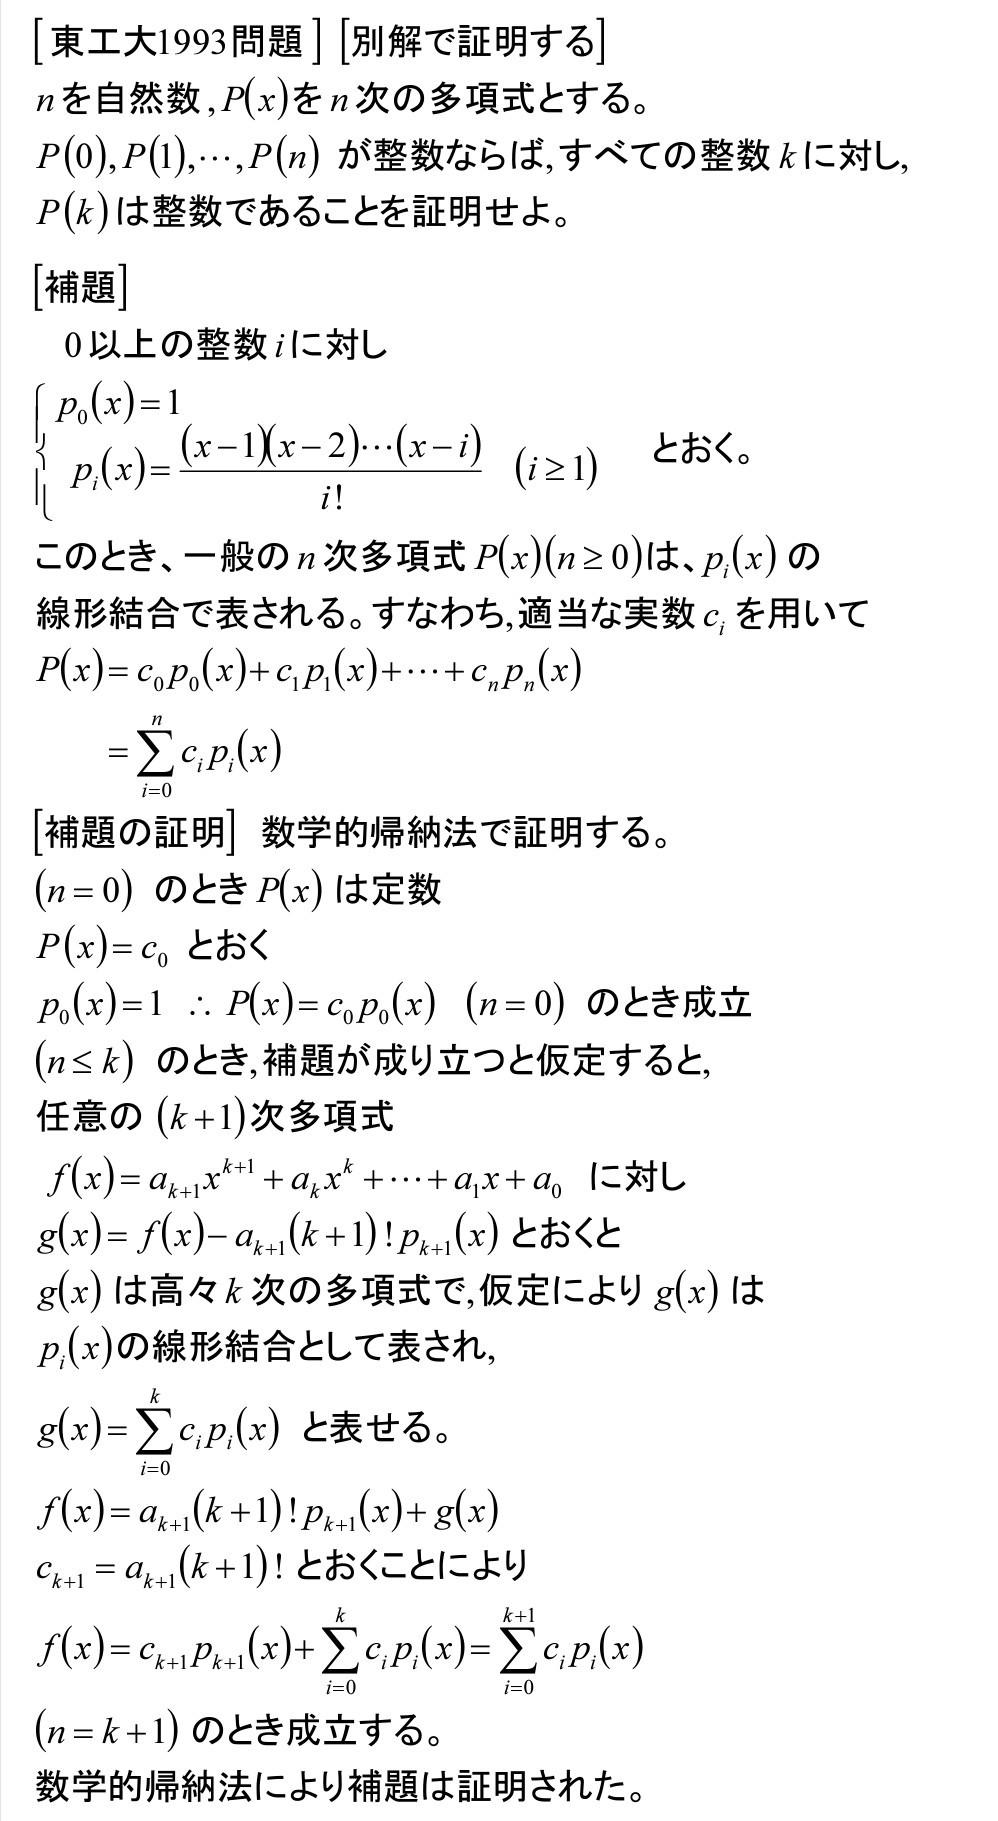 大学入試問題(24)  1993東工大 整式_b0368745_11433437.jpg